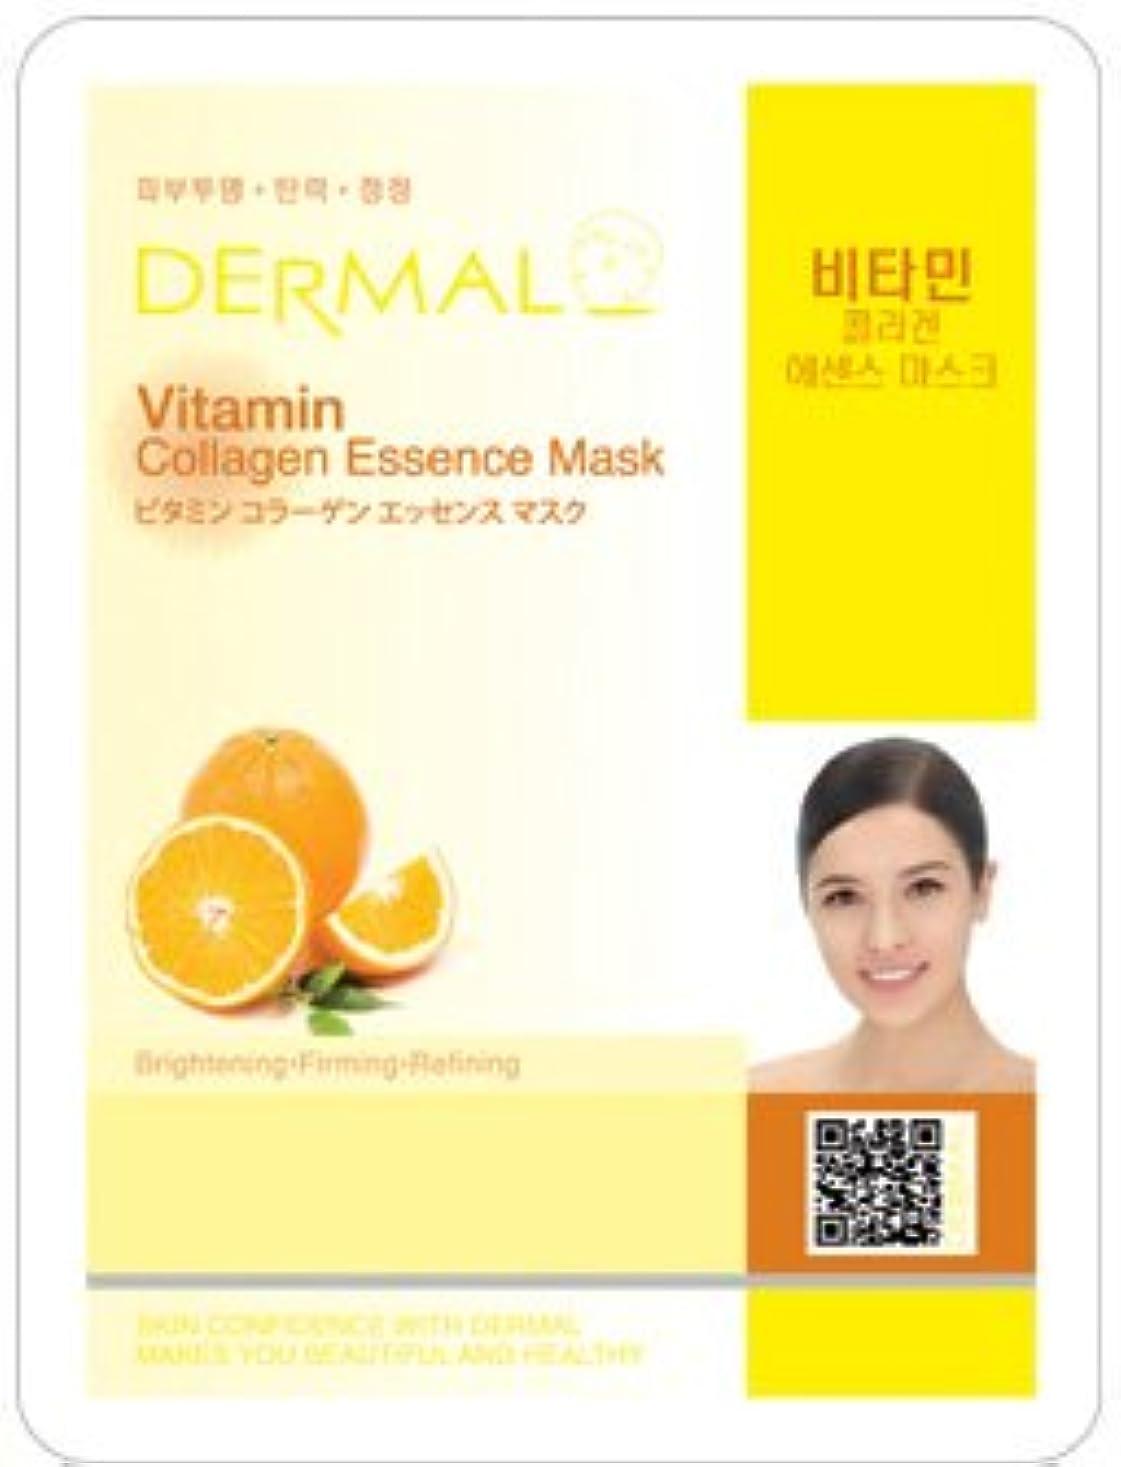 音なぜ米ドルシートマスク ビタミン 100枚セット ダーマル(Dermal) フェイス パック